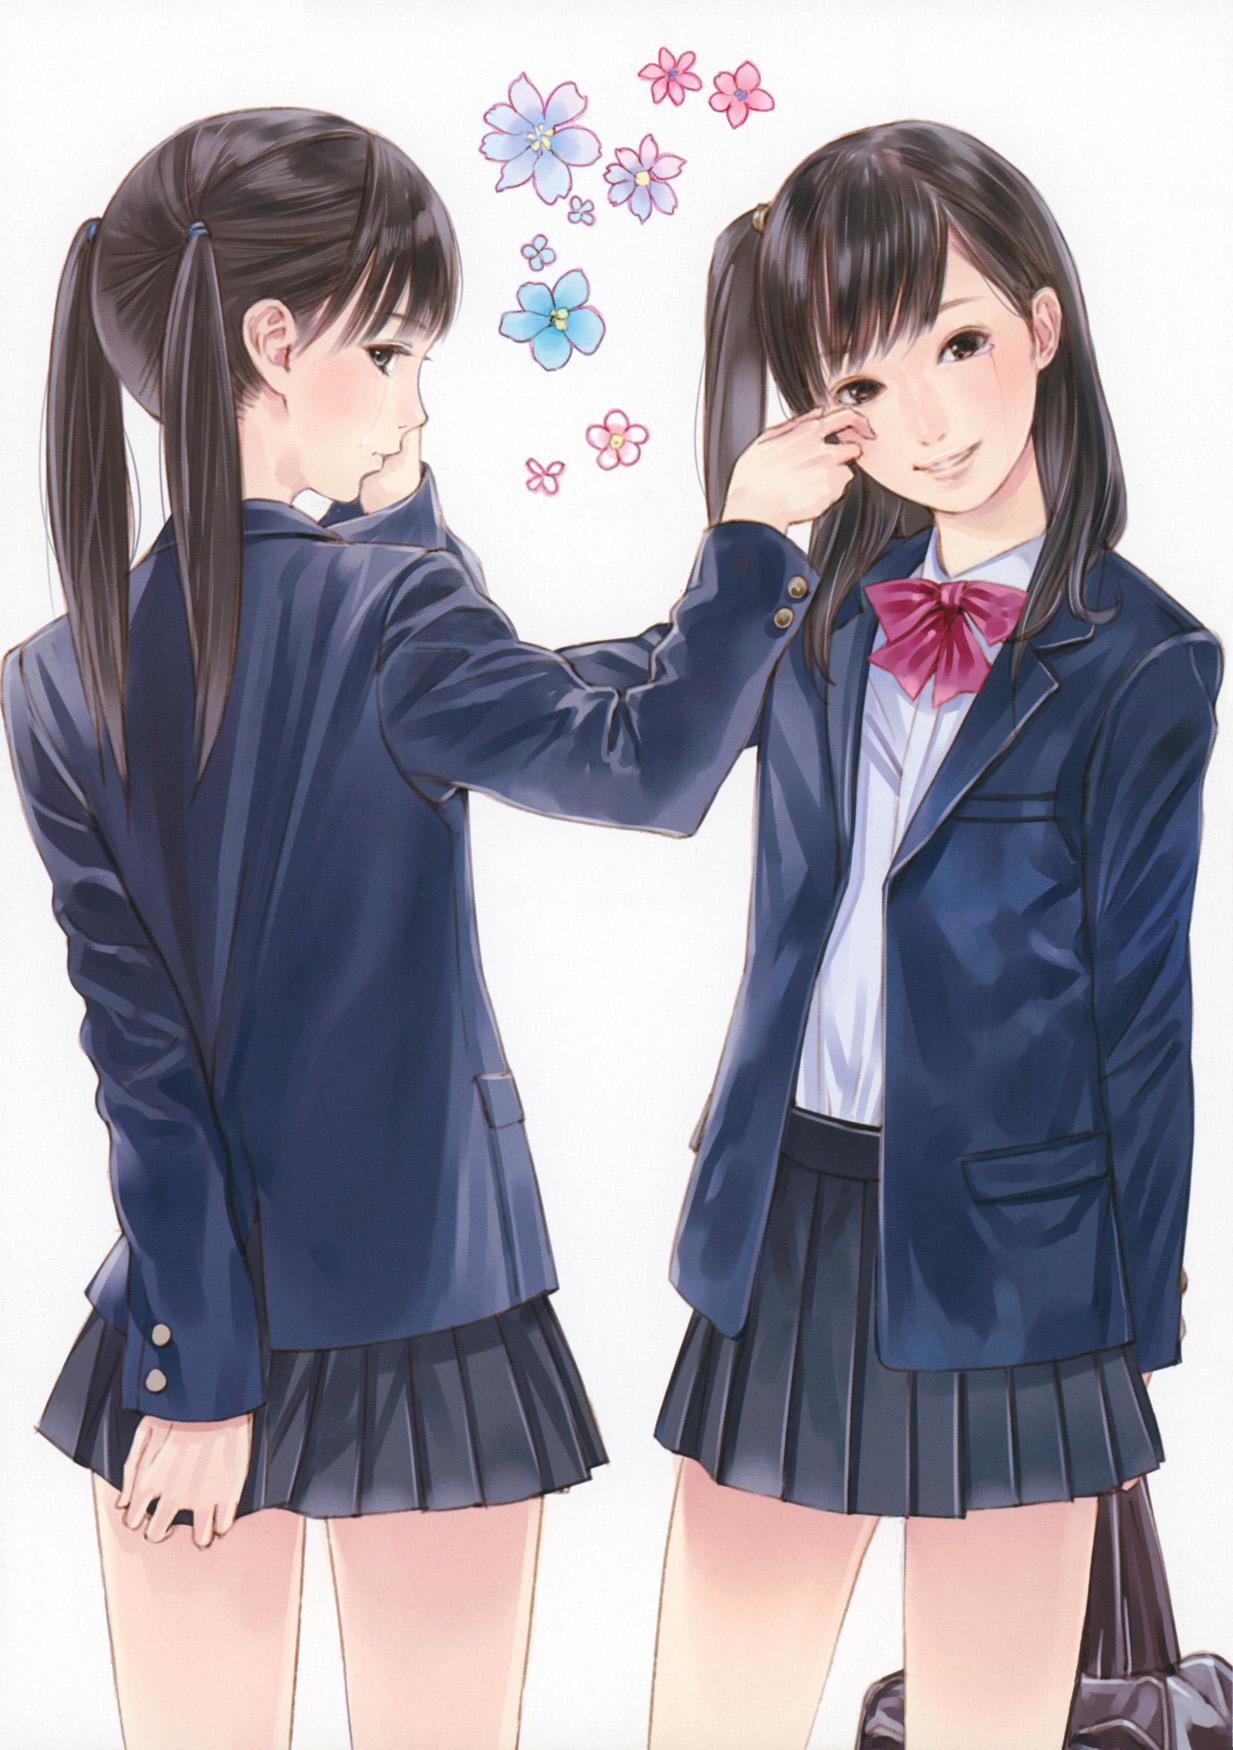 日本人の漫画、アニメ絵がヘタすぎるので描き直しました [無断転載禁止]©2ch.net [732912476]->画像>119枚